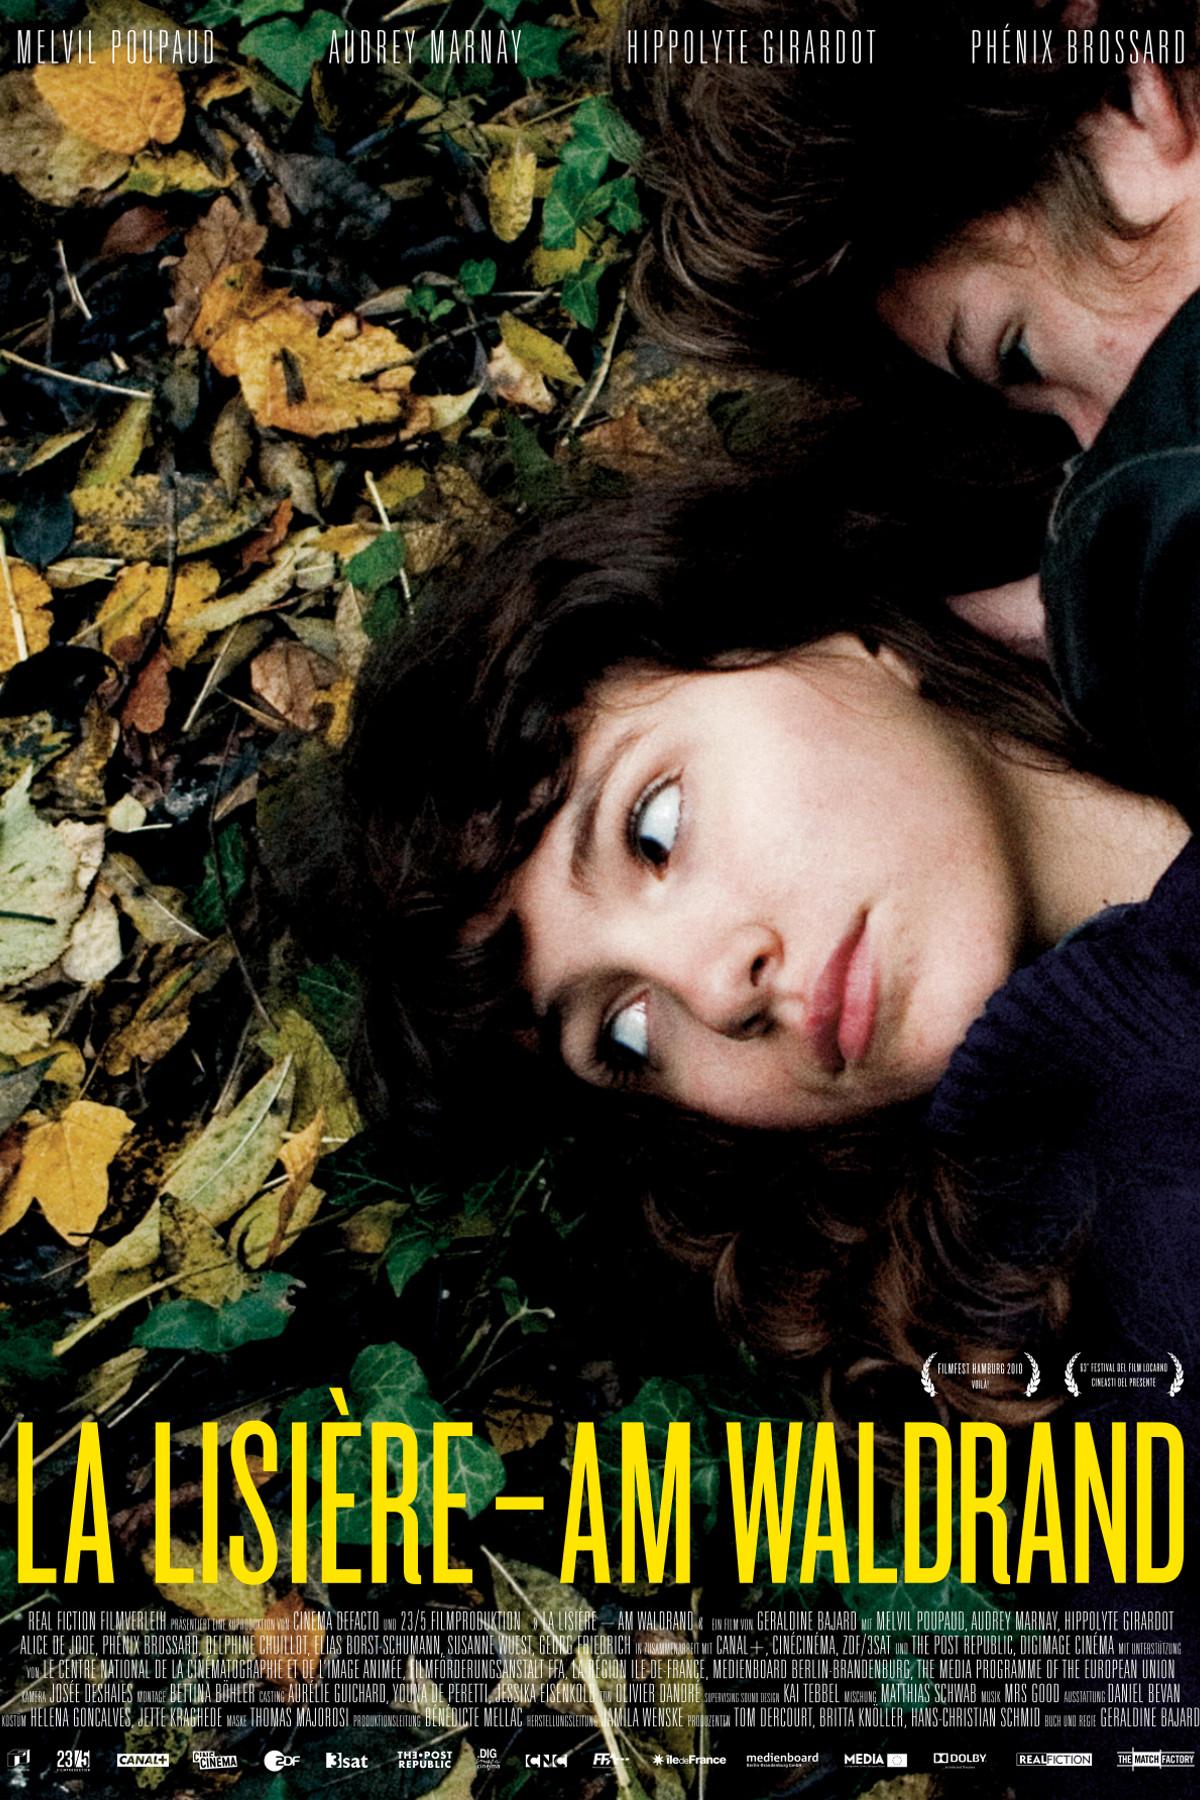 2011_La_Lisiere_Am_Waldrand_23_5_Filmproduktion.jpg